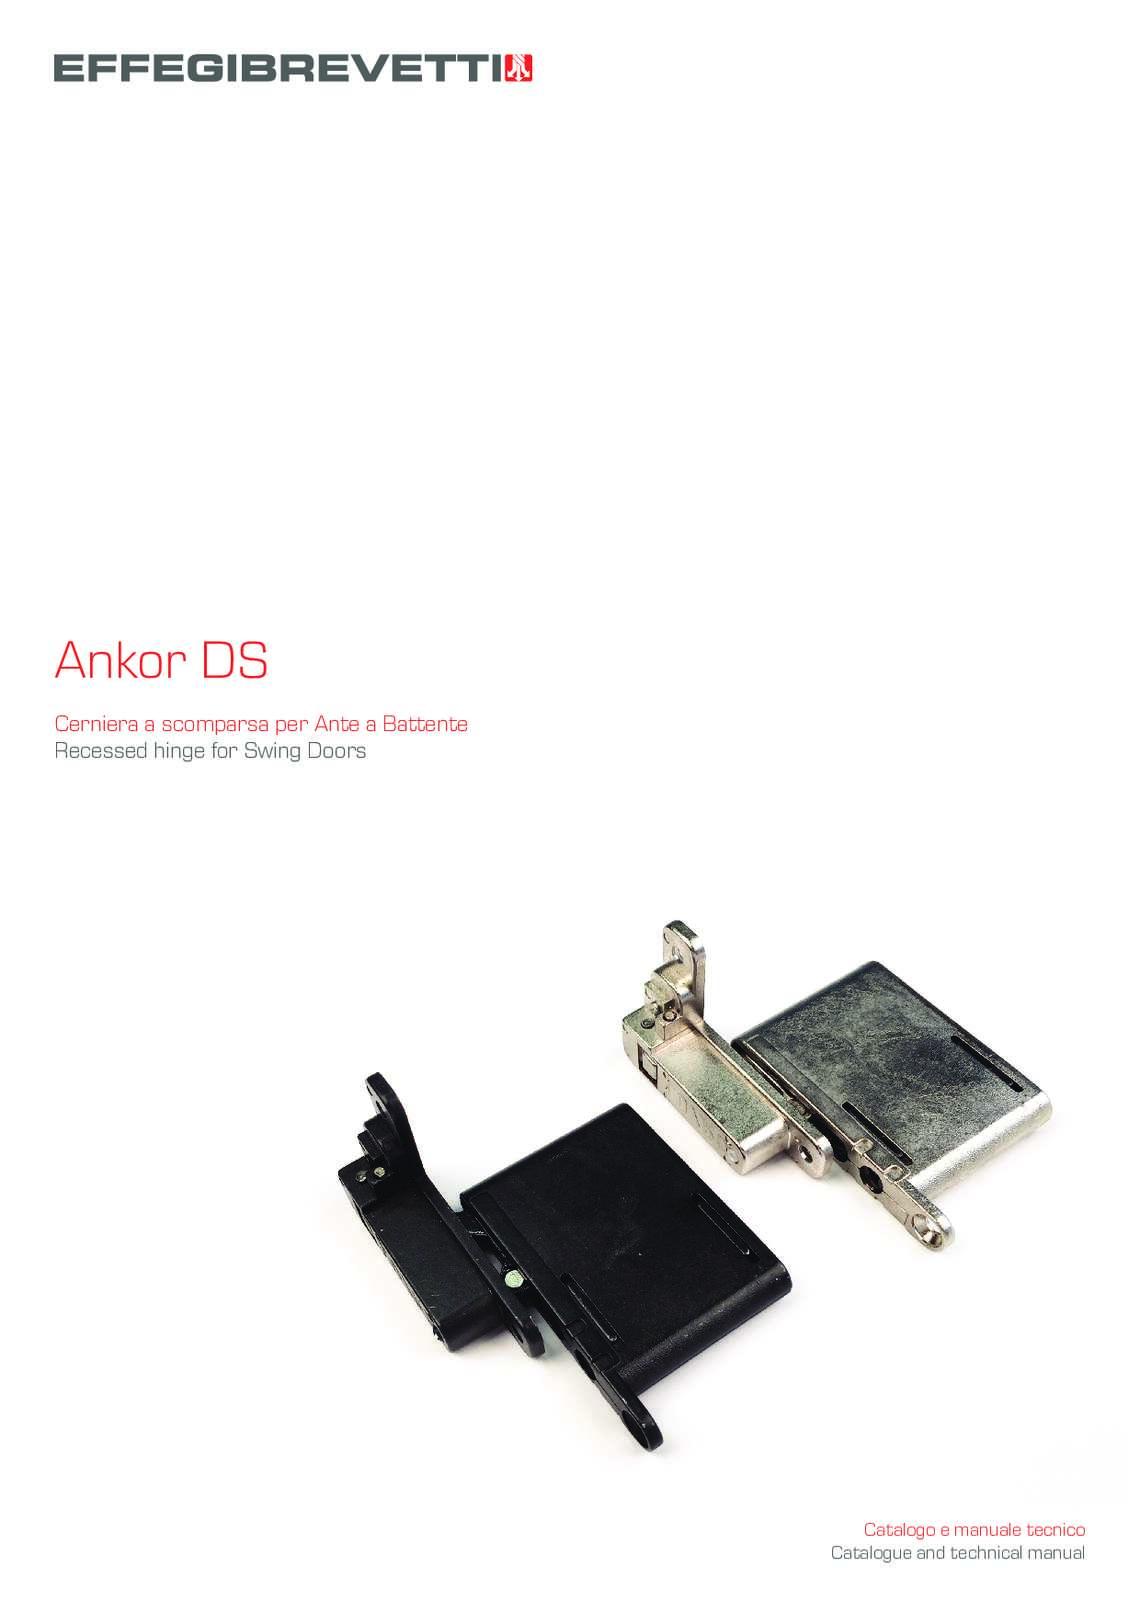 Ankor DS - Recessed hinge for Swing Door